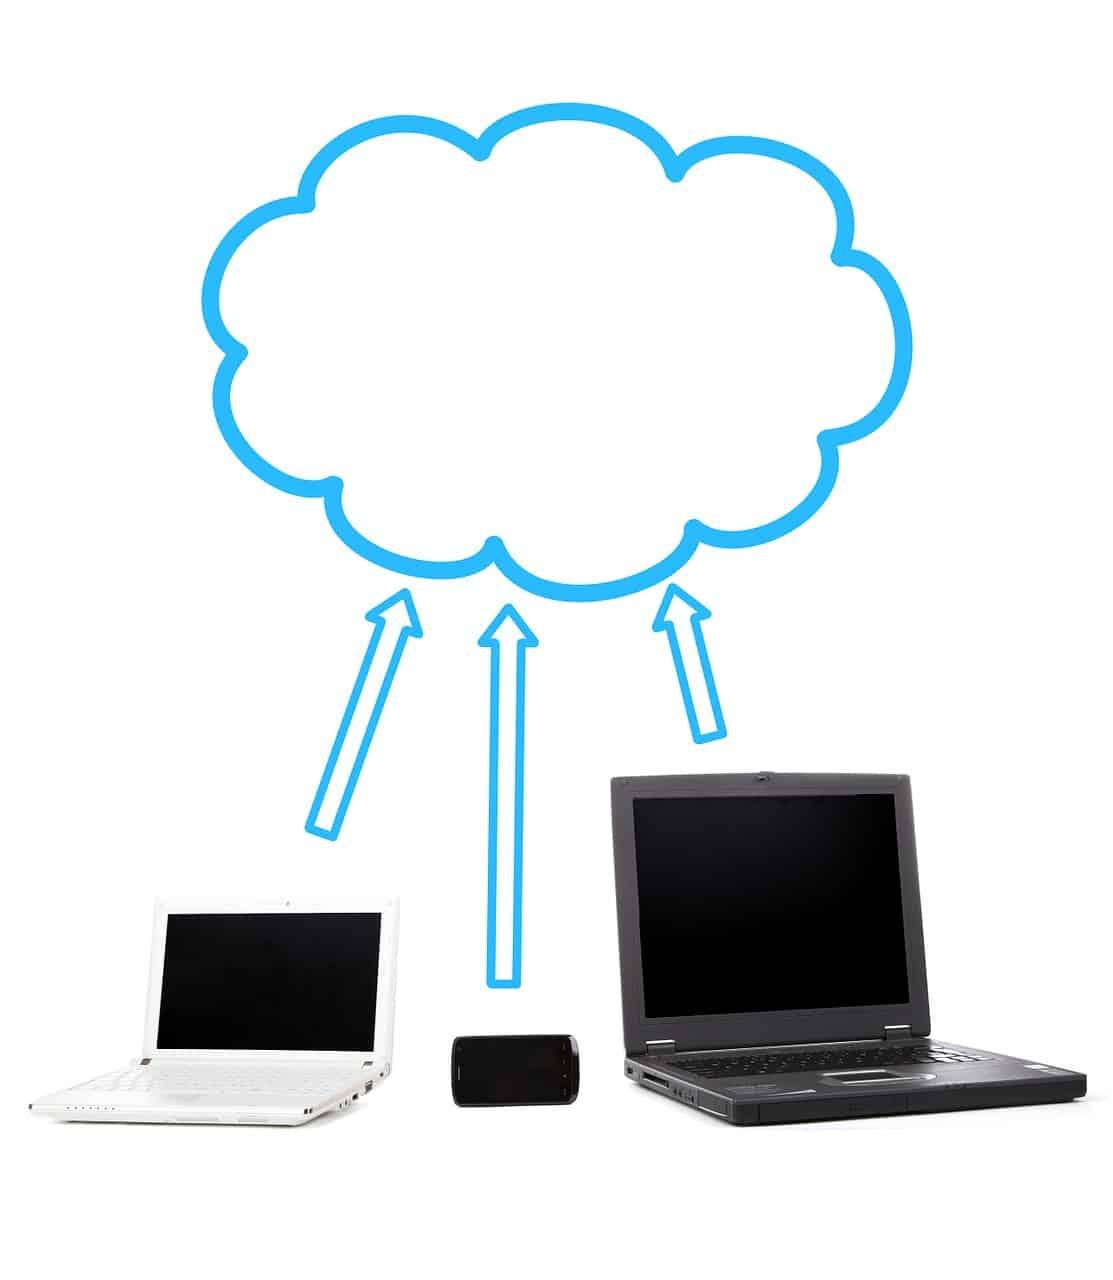 אחסון מידע ותוכן